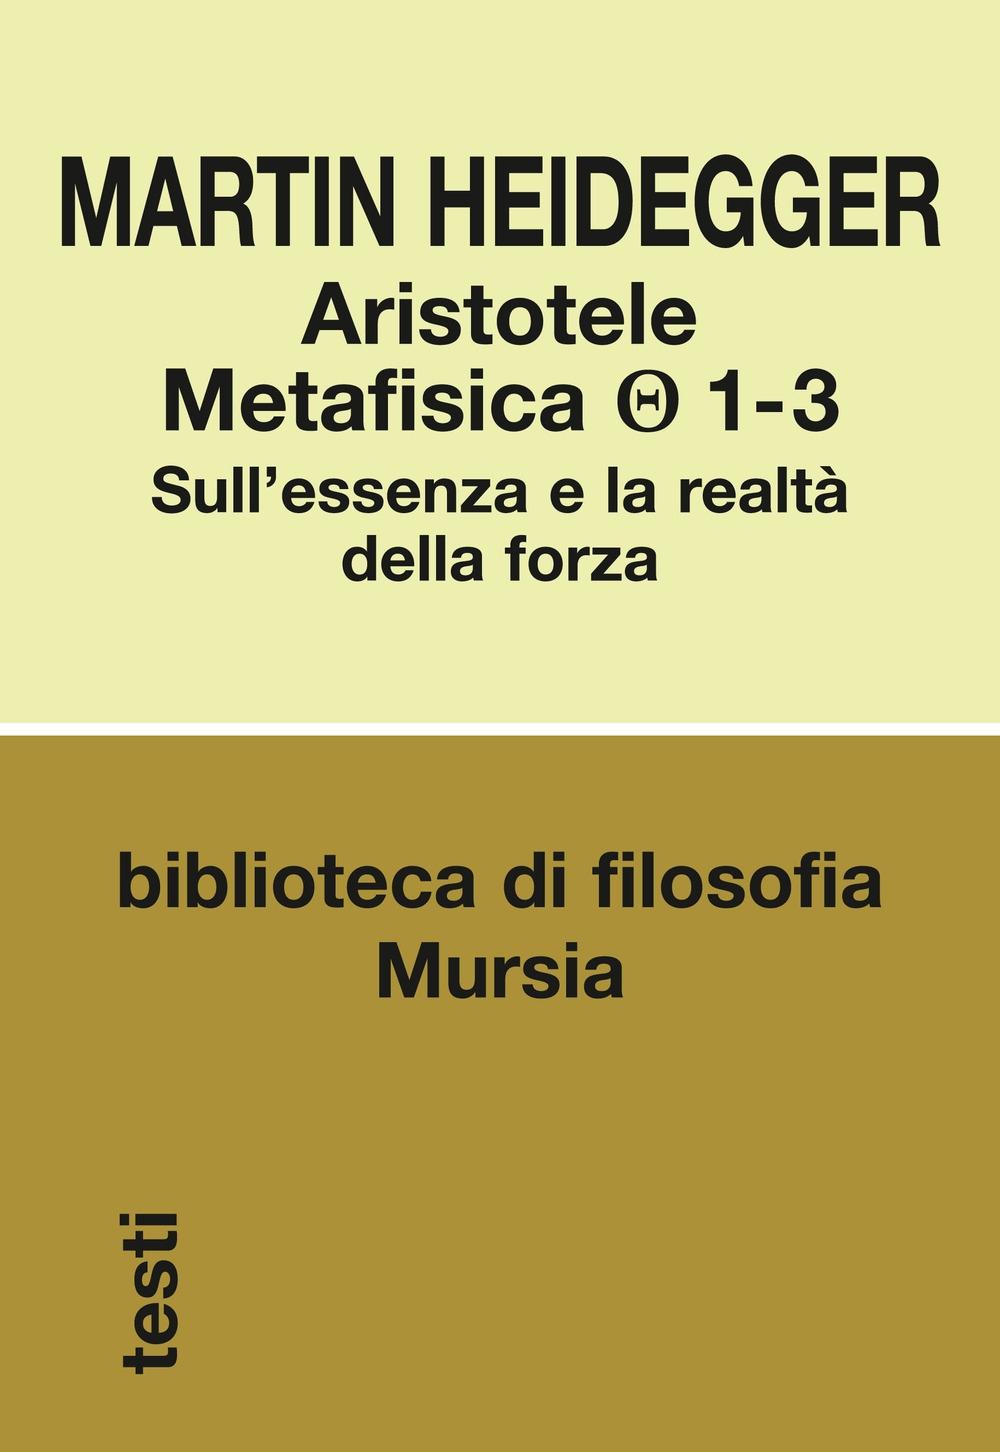 Aristotele. Metafisica (1-3). Sull'essenza e la realtà della forza